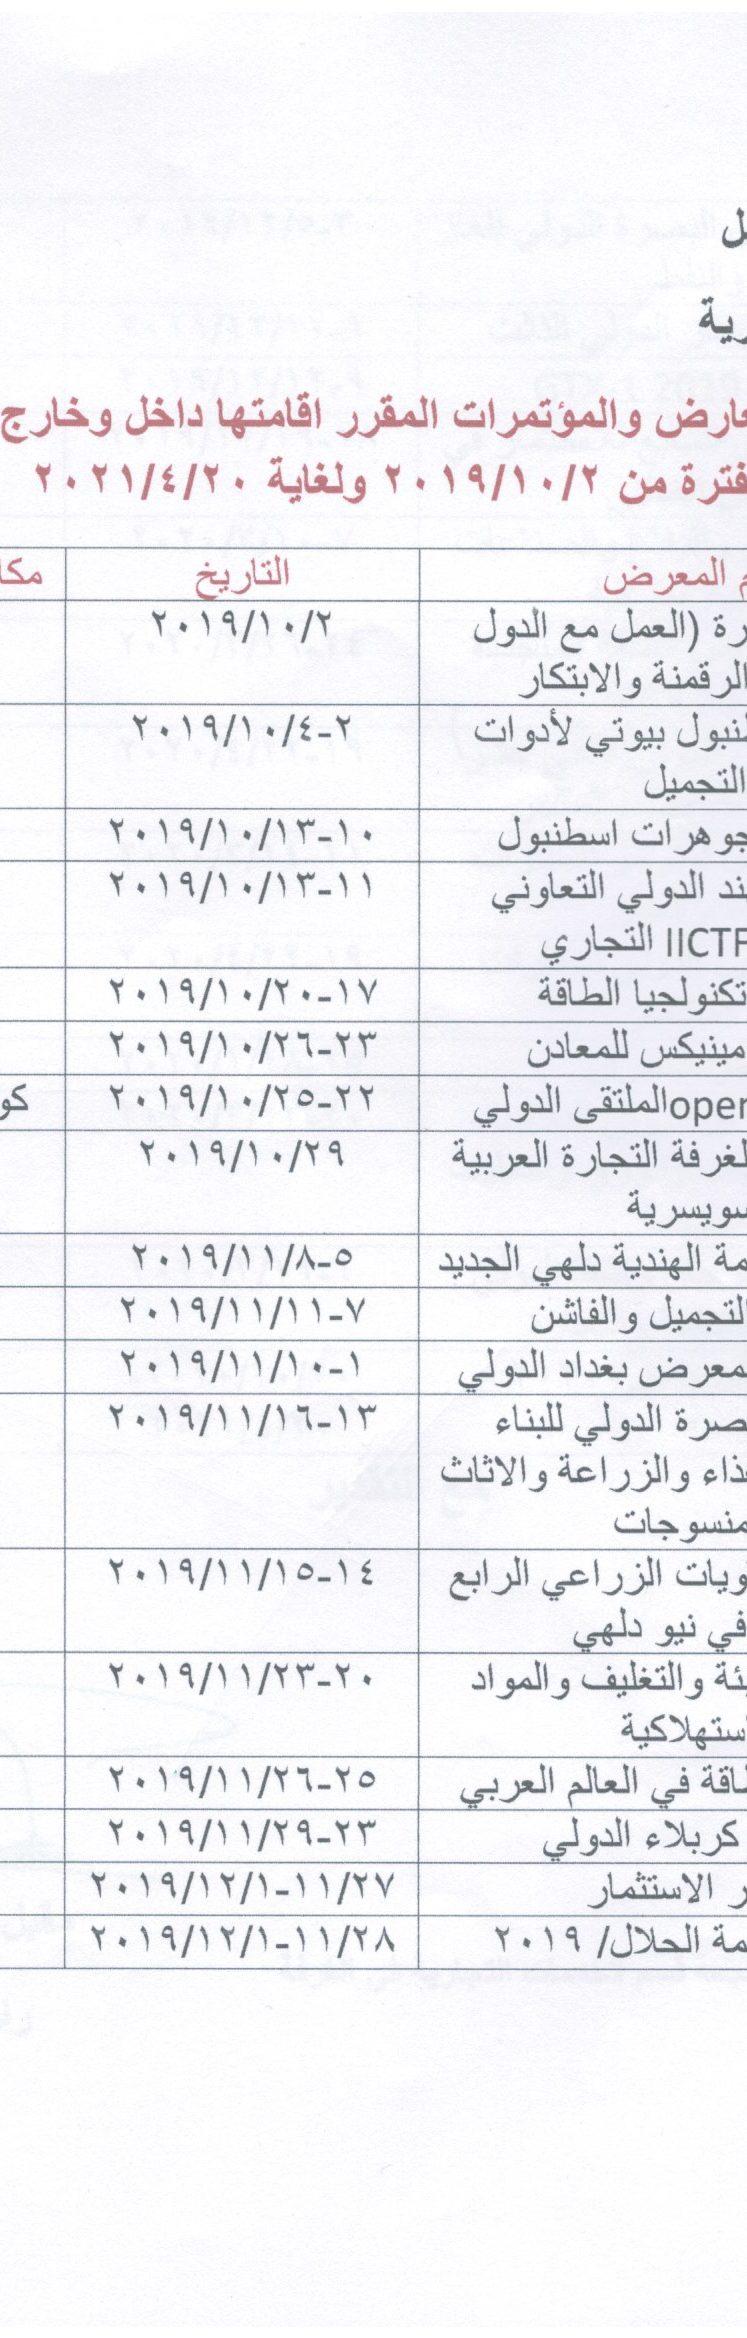 جدول بالمعارض والمؤتمرات المقرر اقامتها داخل وخارج العراق للفترة من 2 /10 /2019 ولغاية 20 / 4 /2021